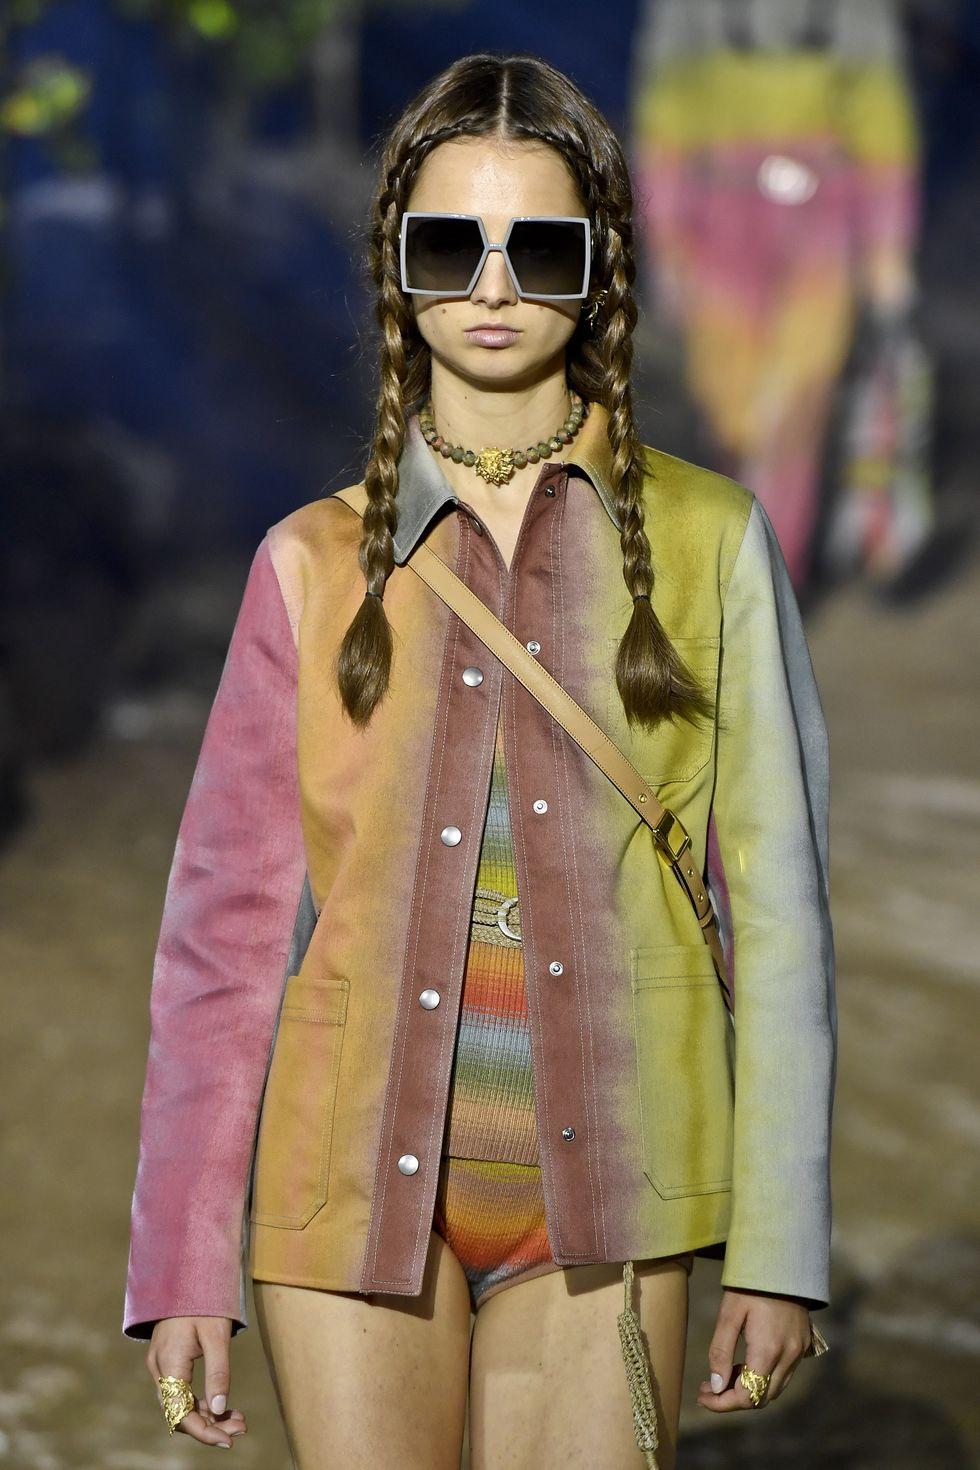 Πλεξούδες χίπι σικ- boho braids - Μόδα στα Μαλλιά 2020 - Καλοκαίρι